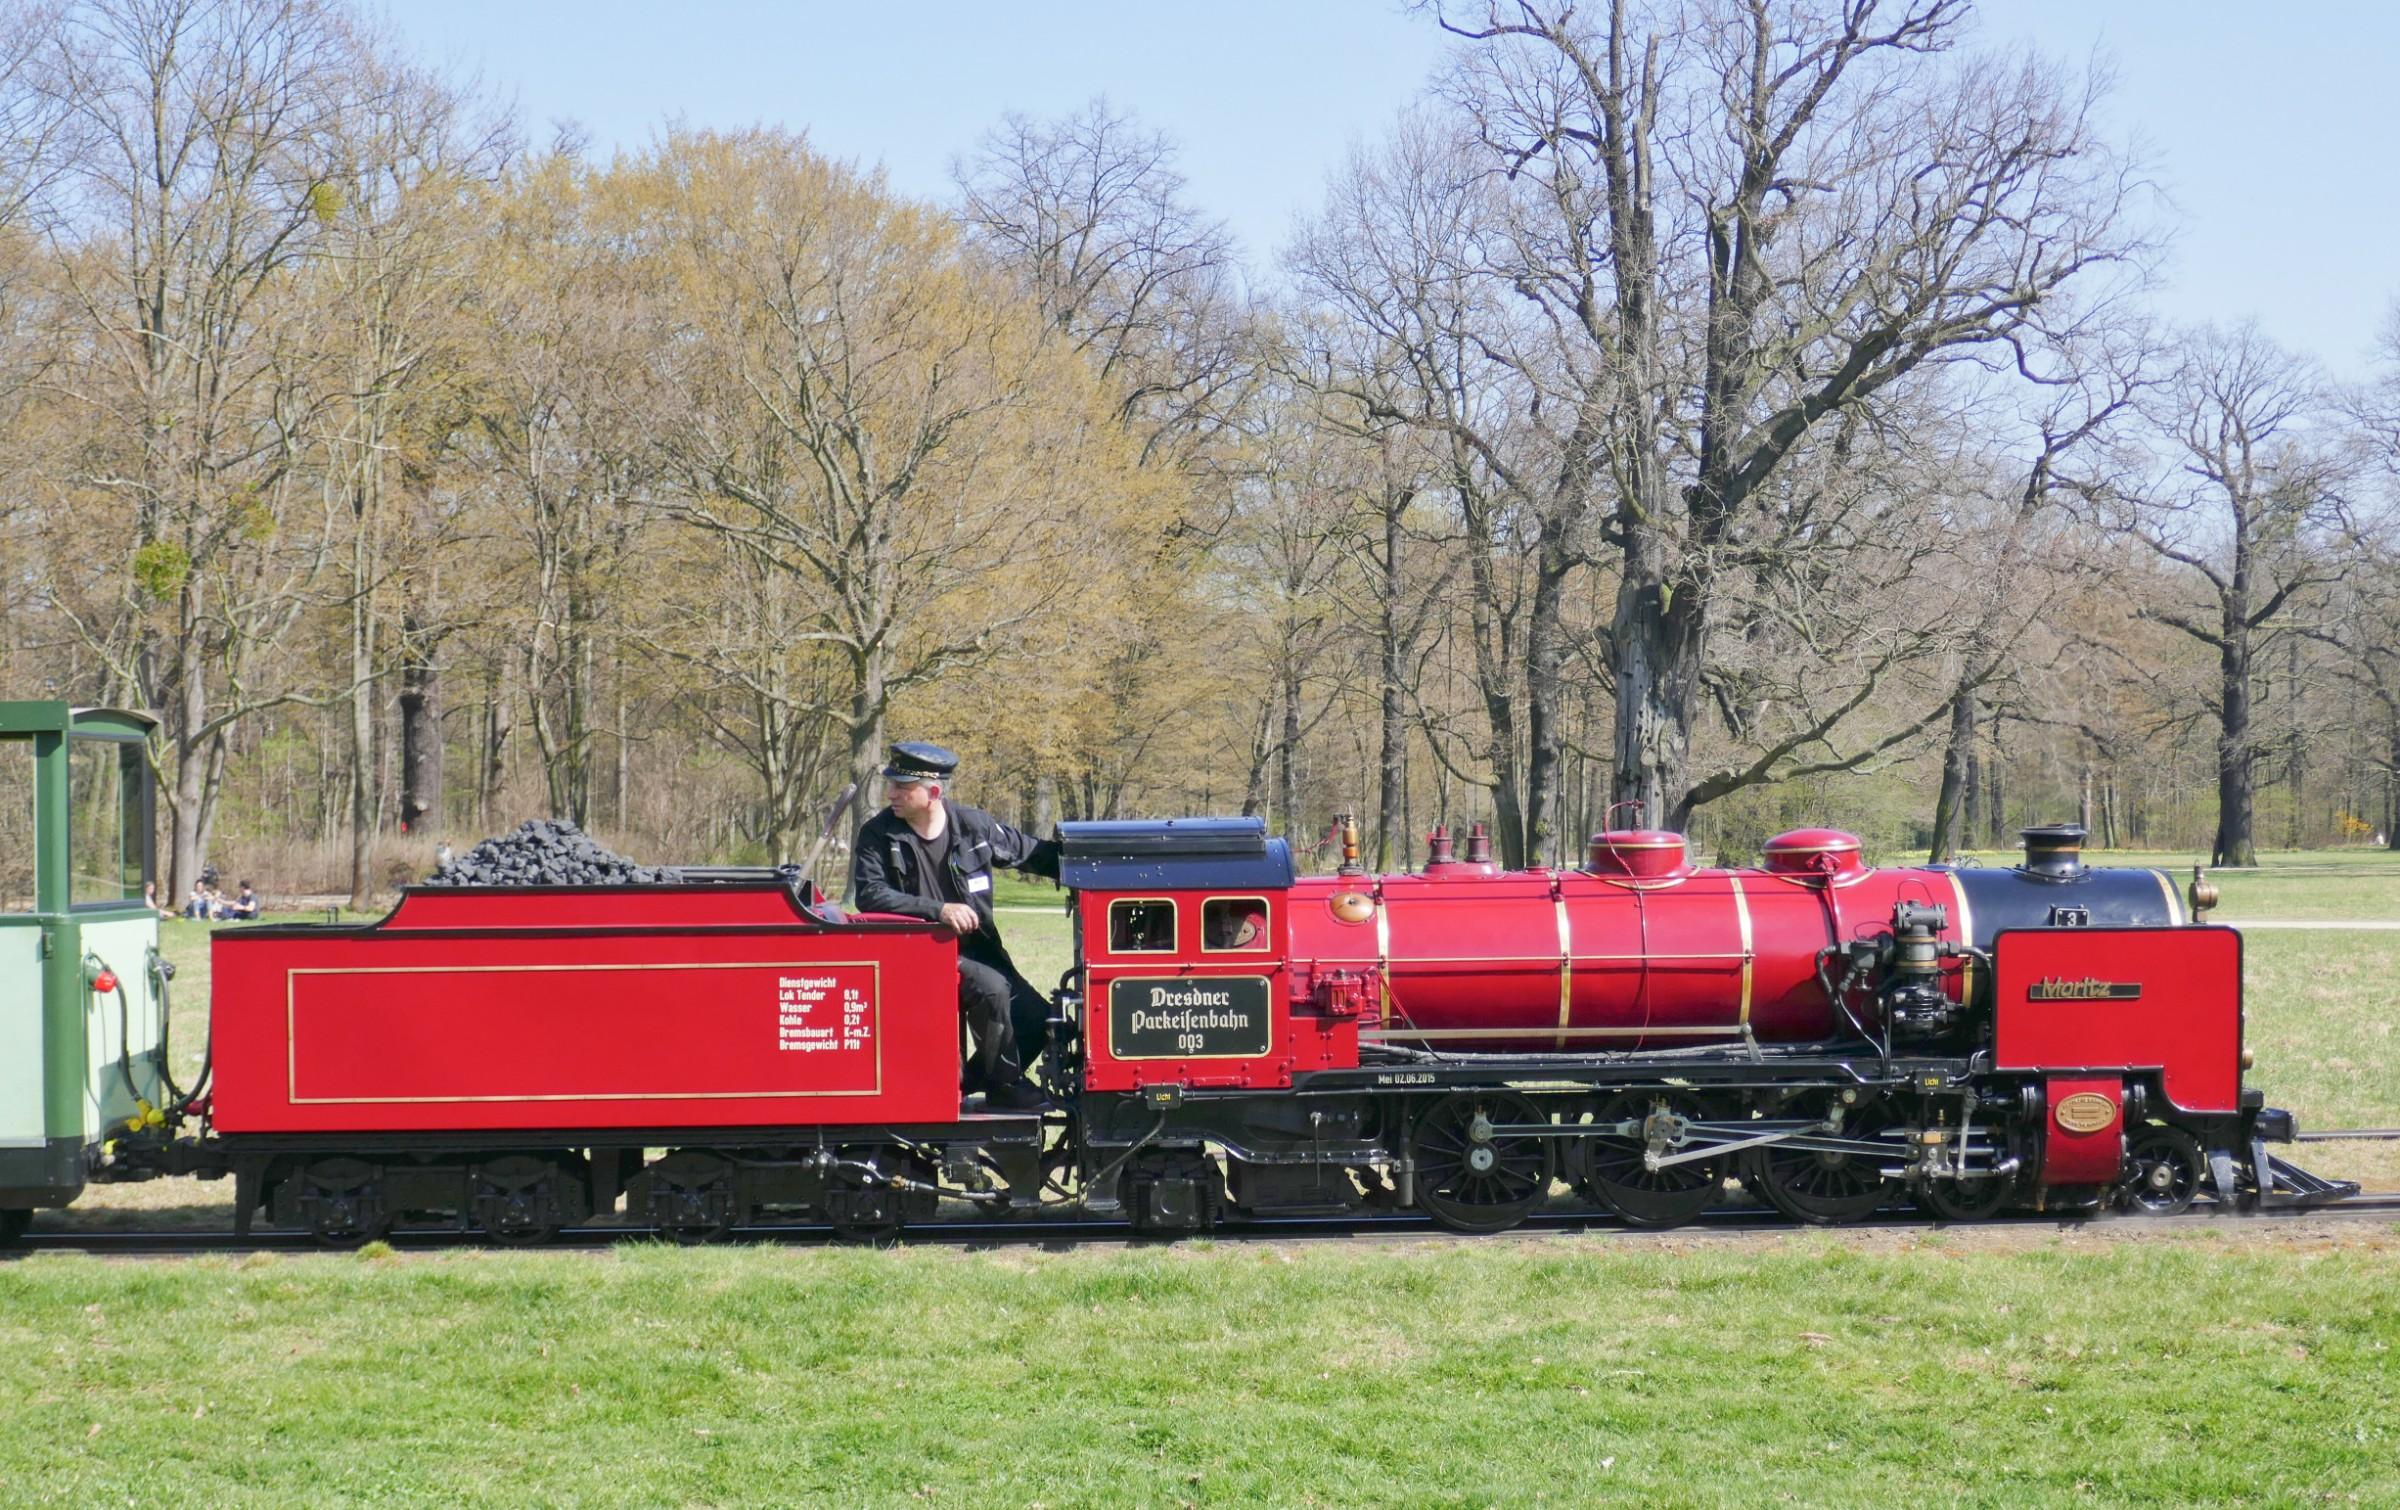 Dresden Park Railway